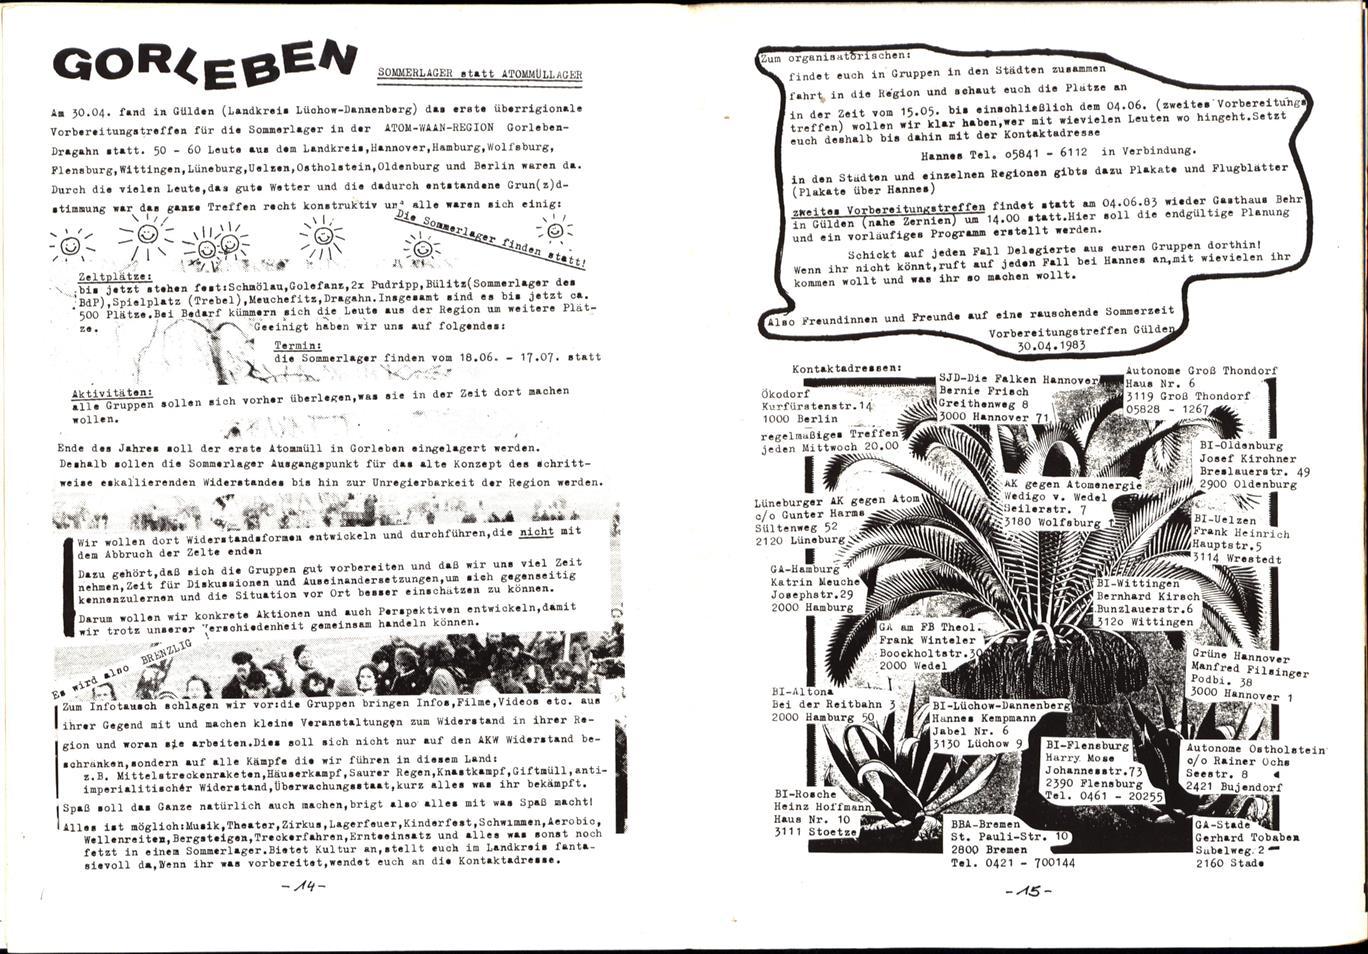 NRW_AKW_LKNRW_19830517_43_09